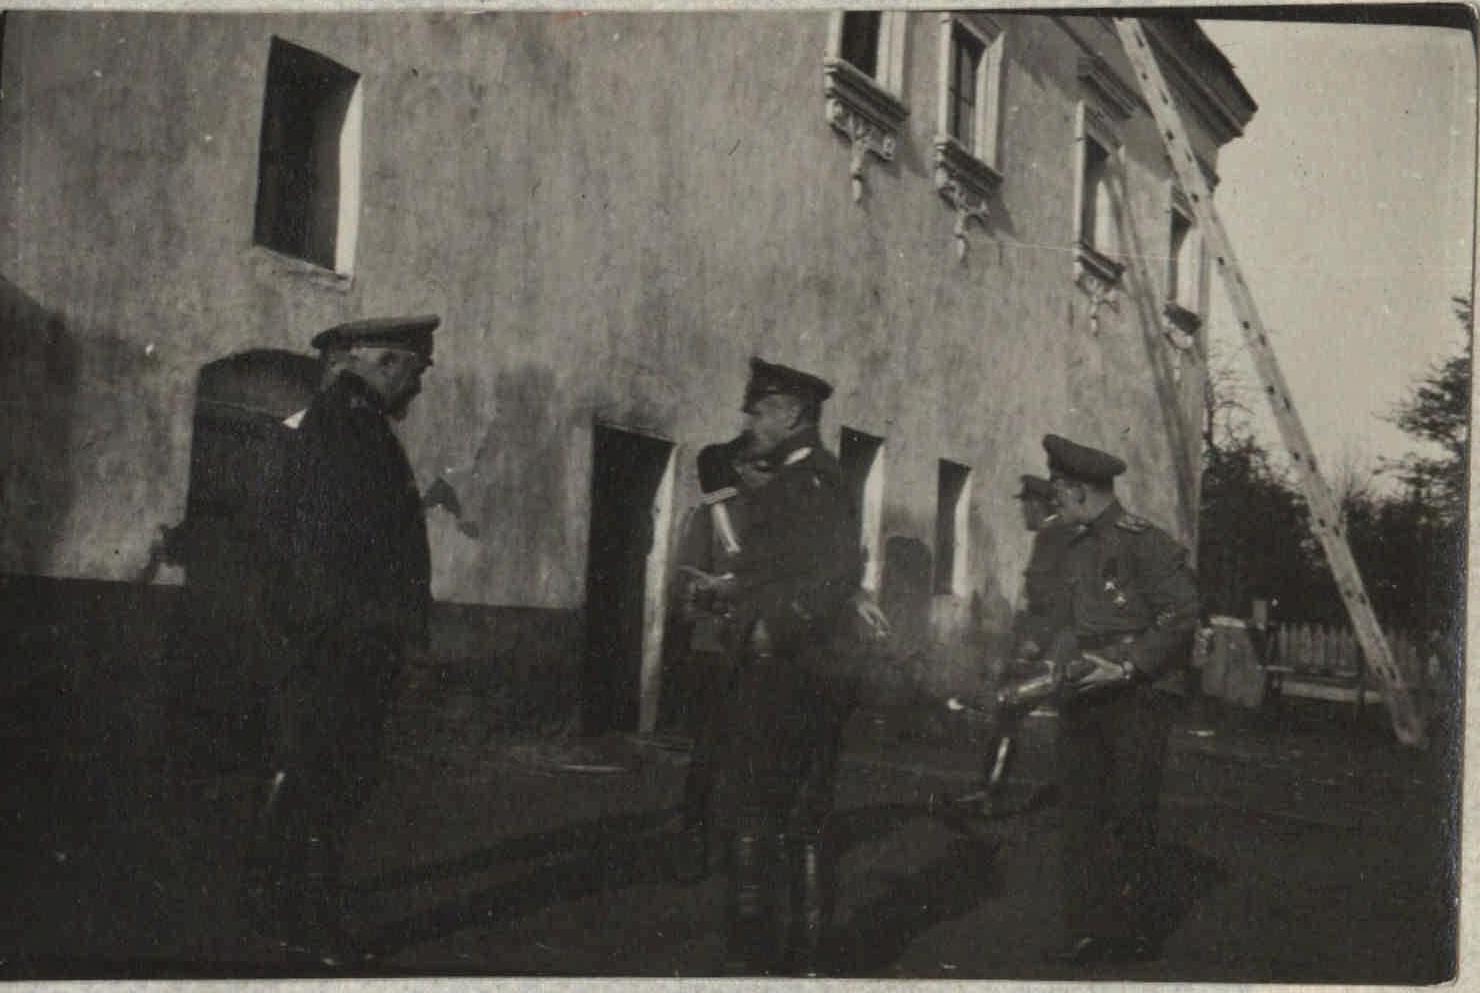 1917. Быховское пленение генералов. Заключенные